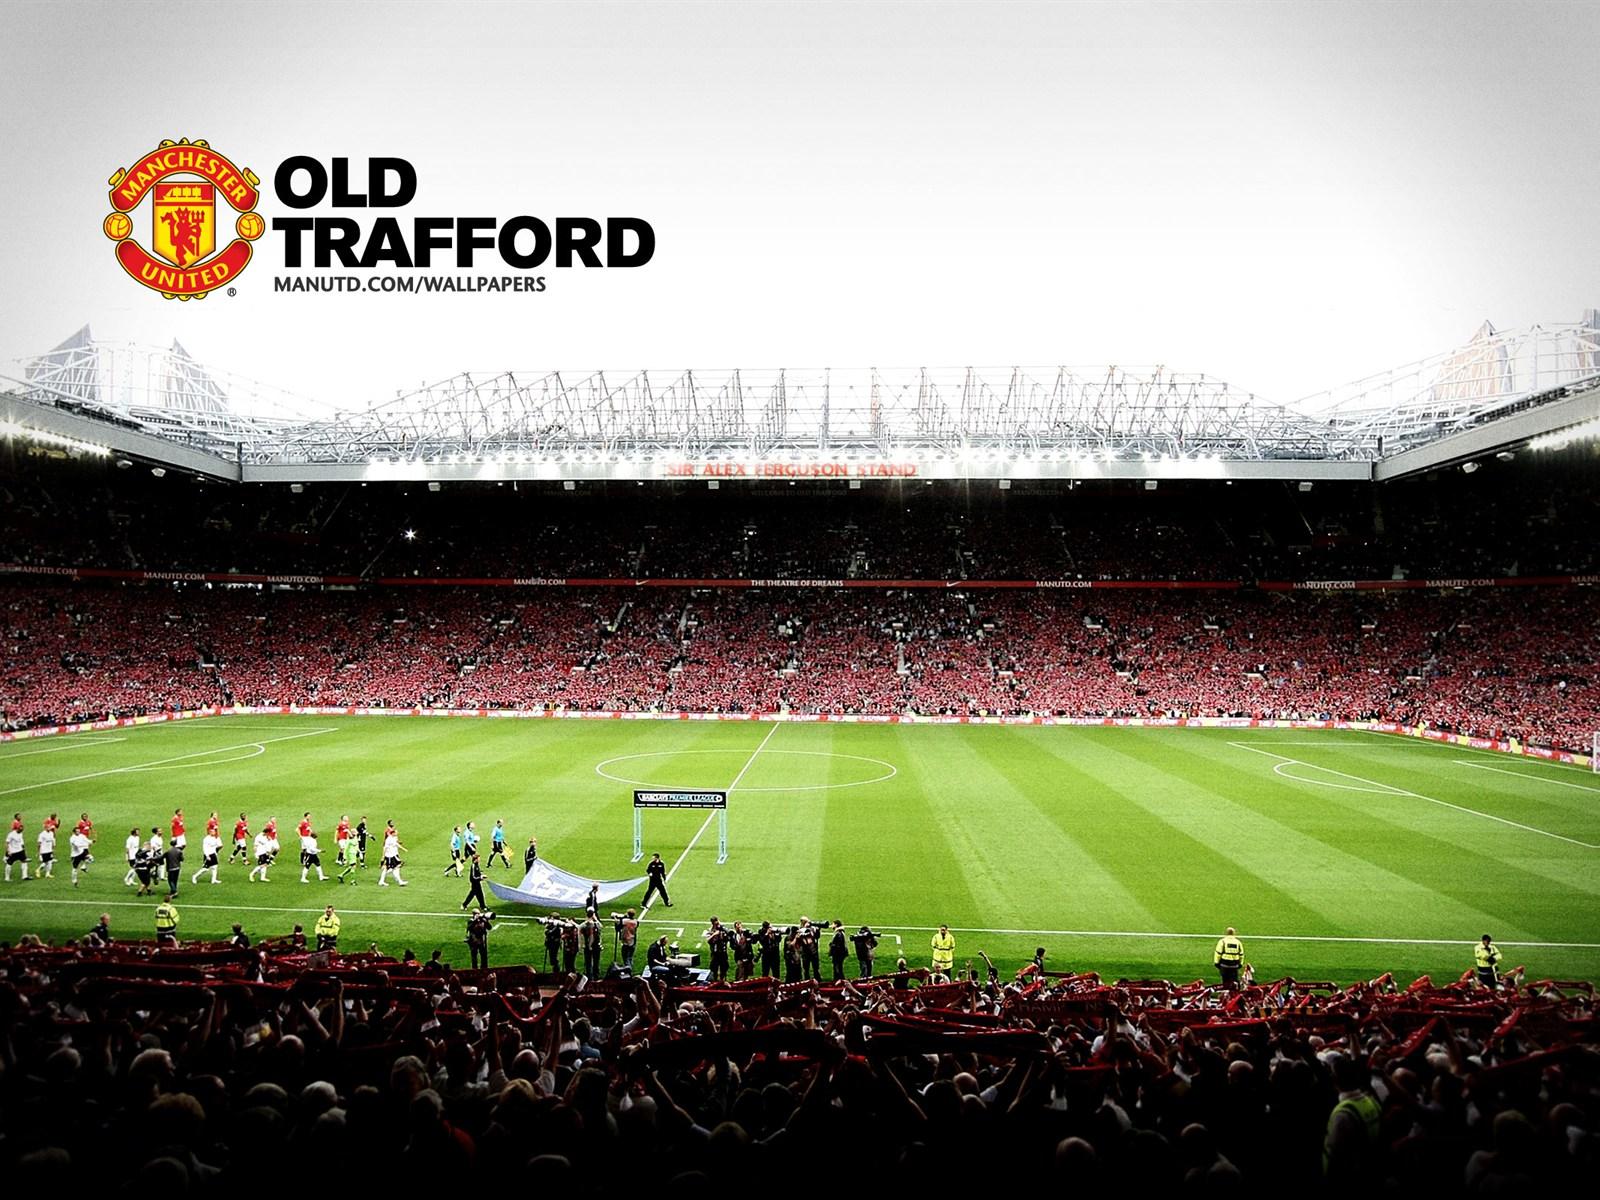 http://3.bp.blogspot.com/-Q0kX1eaQ6OM/UFhxmYKVMfI/AAAAAAAAAHg/5cmm_Hjtj1Y/s1600/old_trafford_stadium_wallpaper%202.jpeg